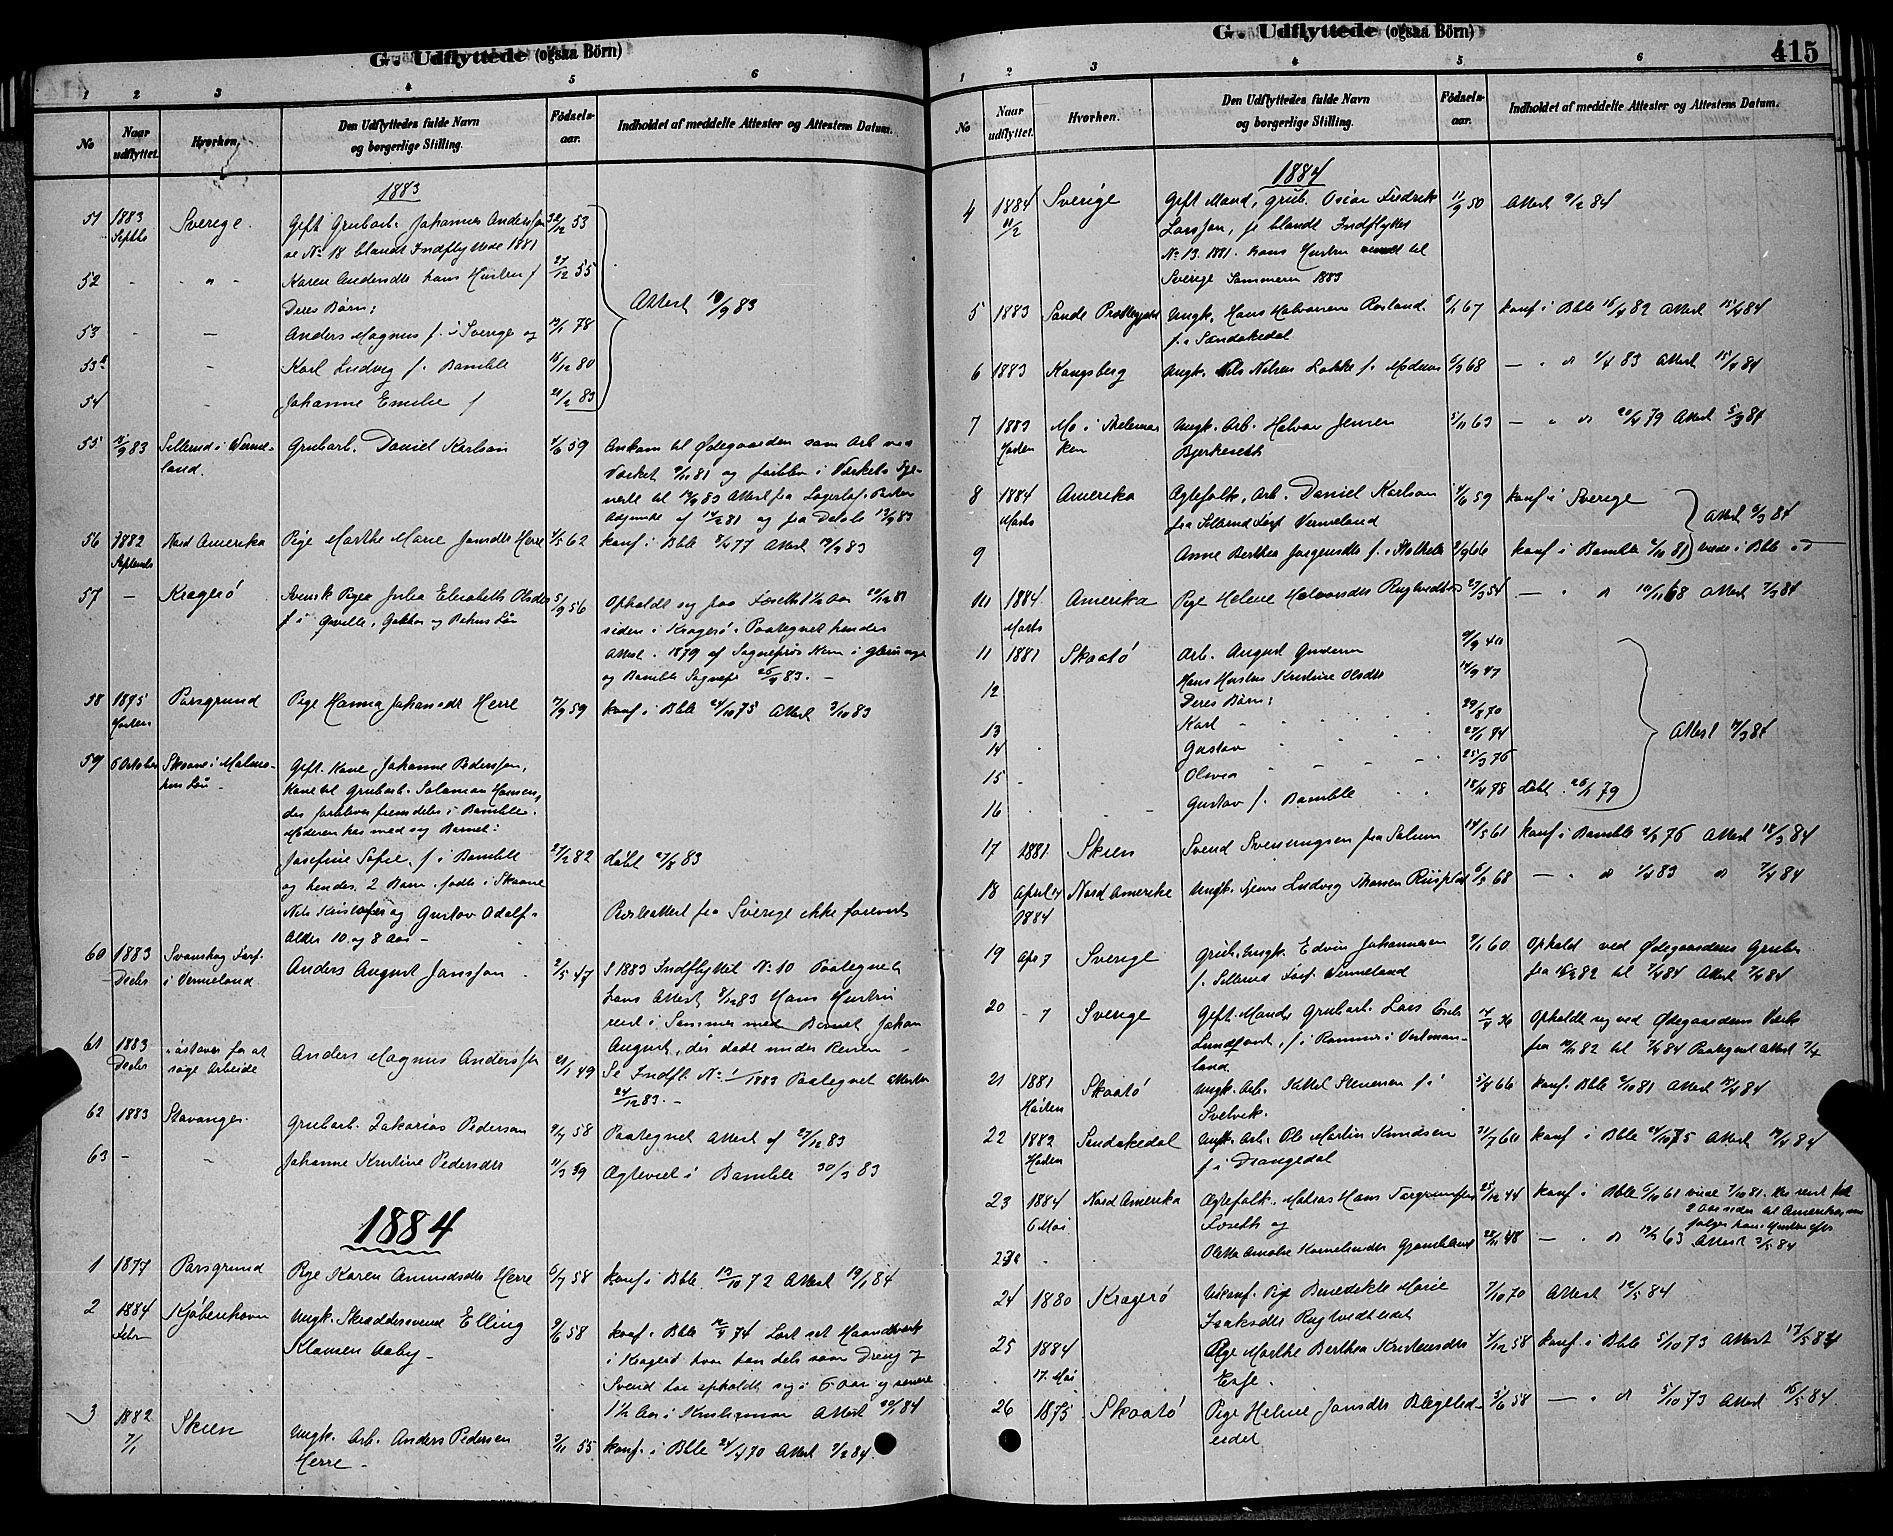 SAKO, Bamble kirkebøker, G/Ga/L0008: Klokkerbok nr. I 8, 1878-1888, s. 415